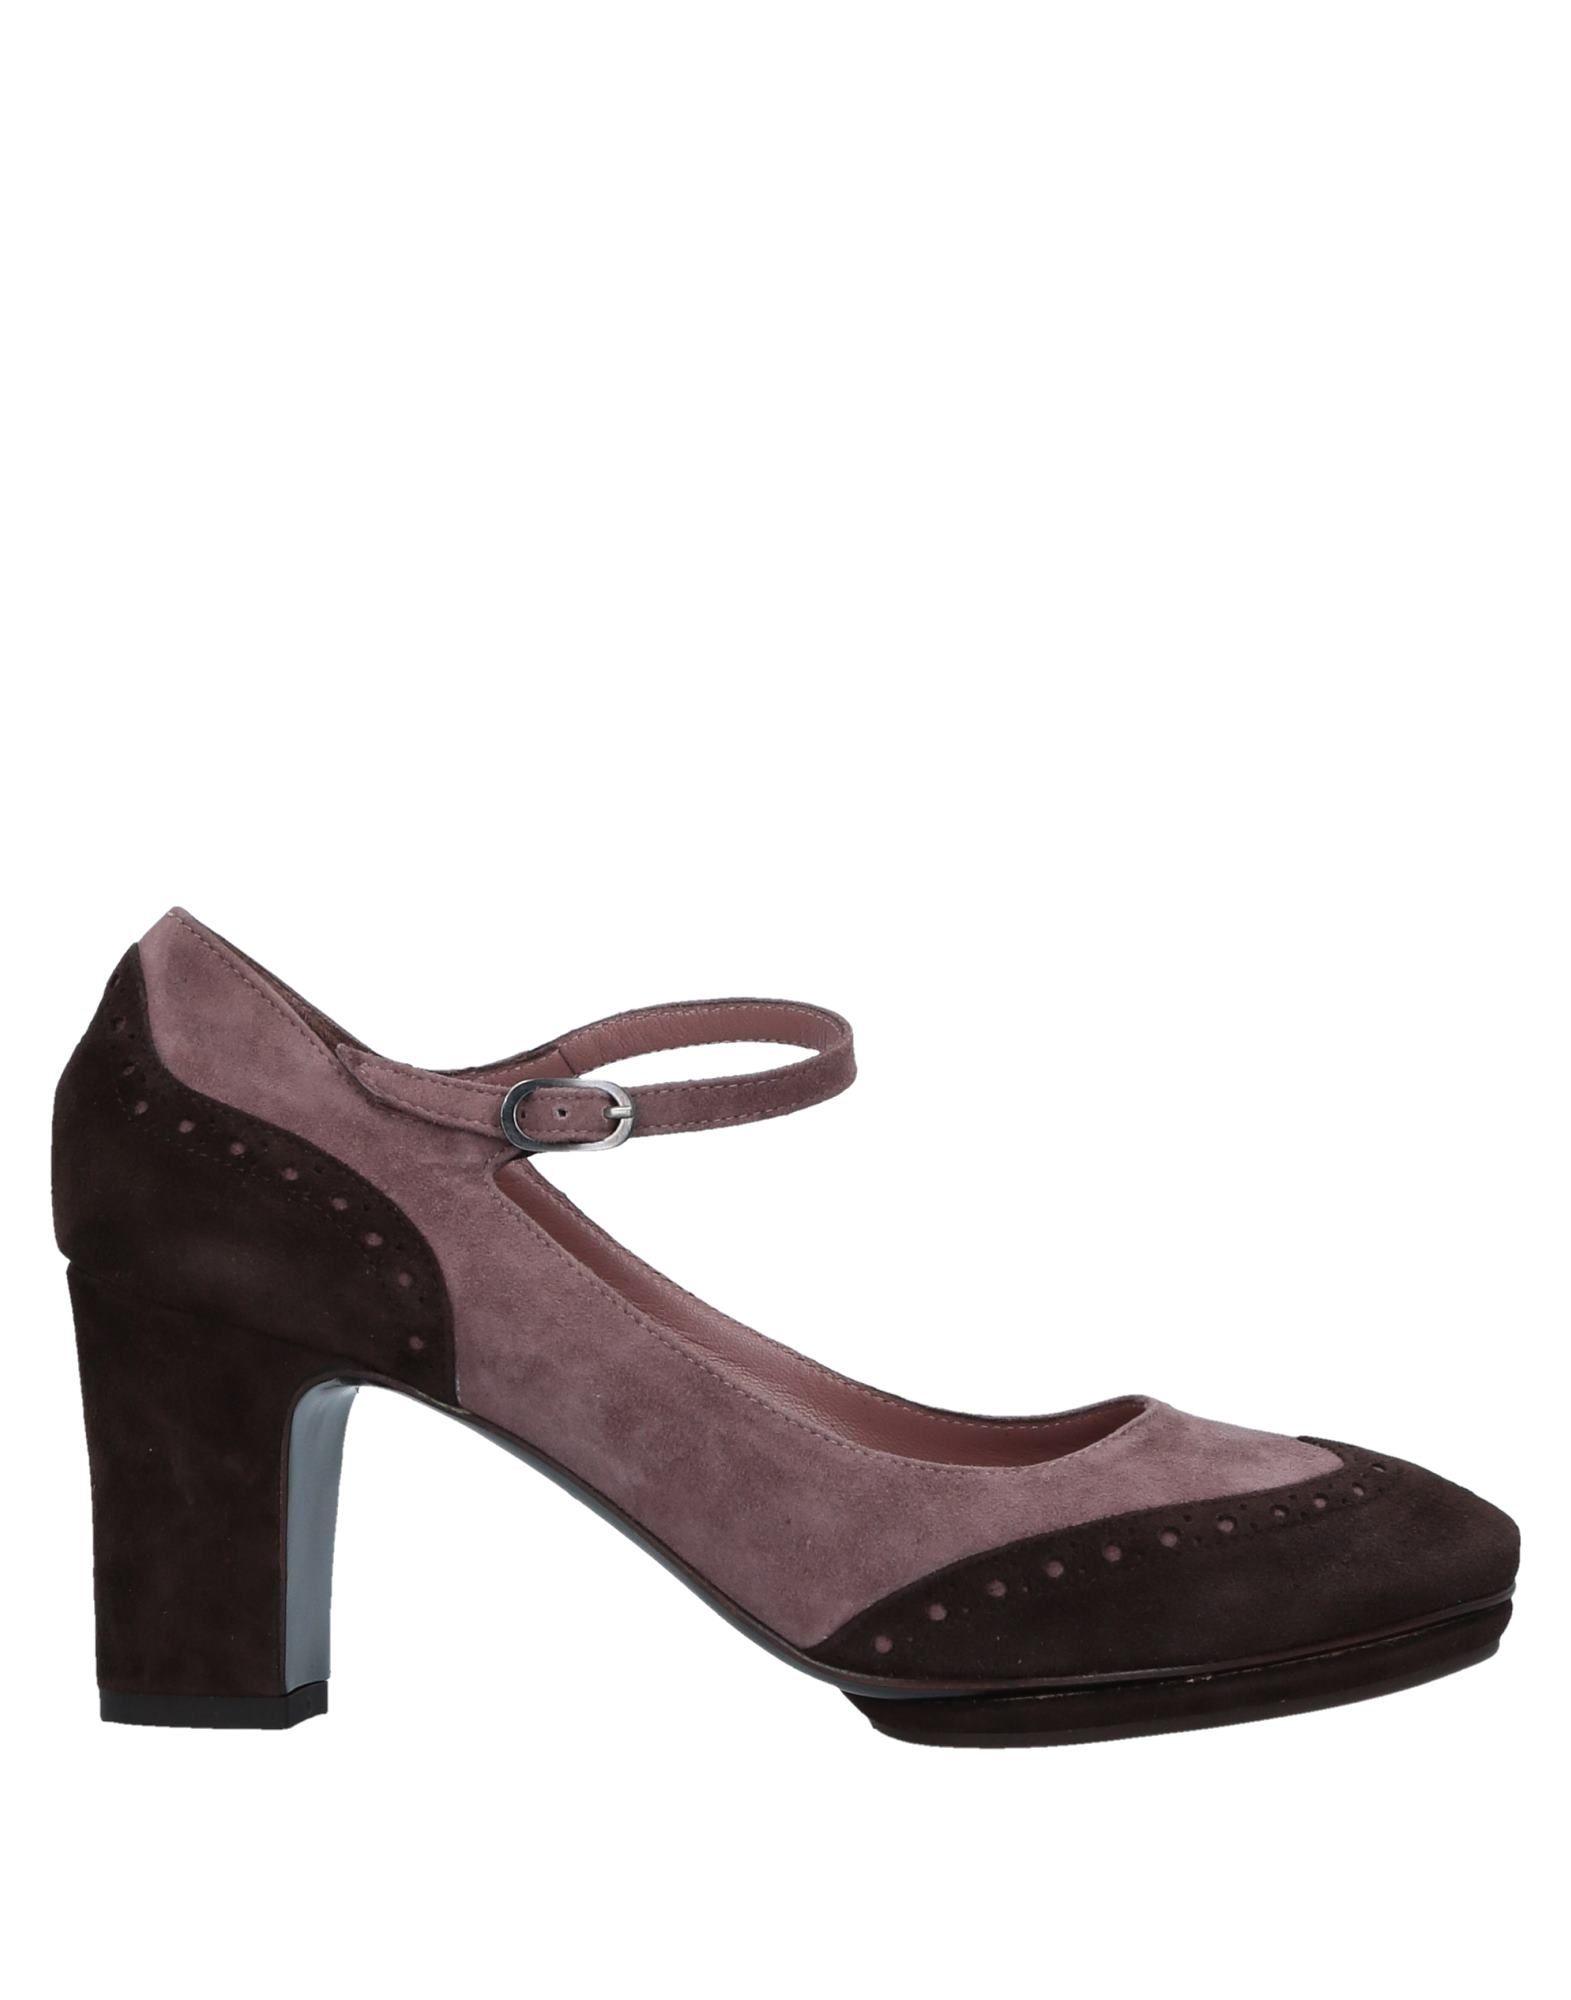 Haltbare Mode billige Schuhe Tangerine Pumps Damen  11530088FW Heiße Schuhe